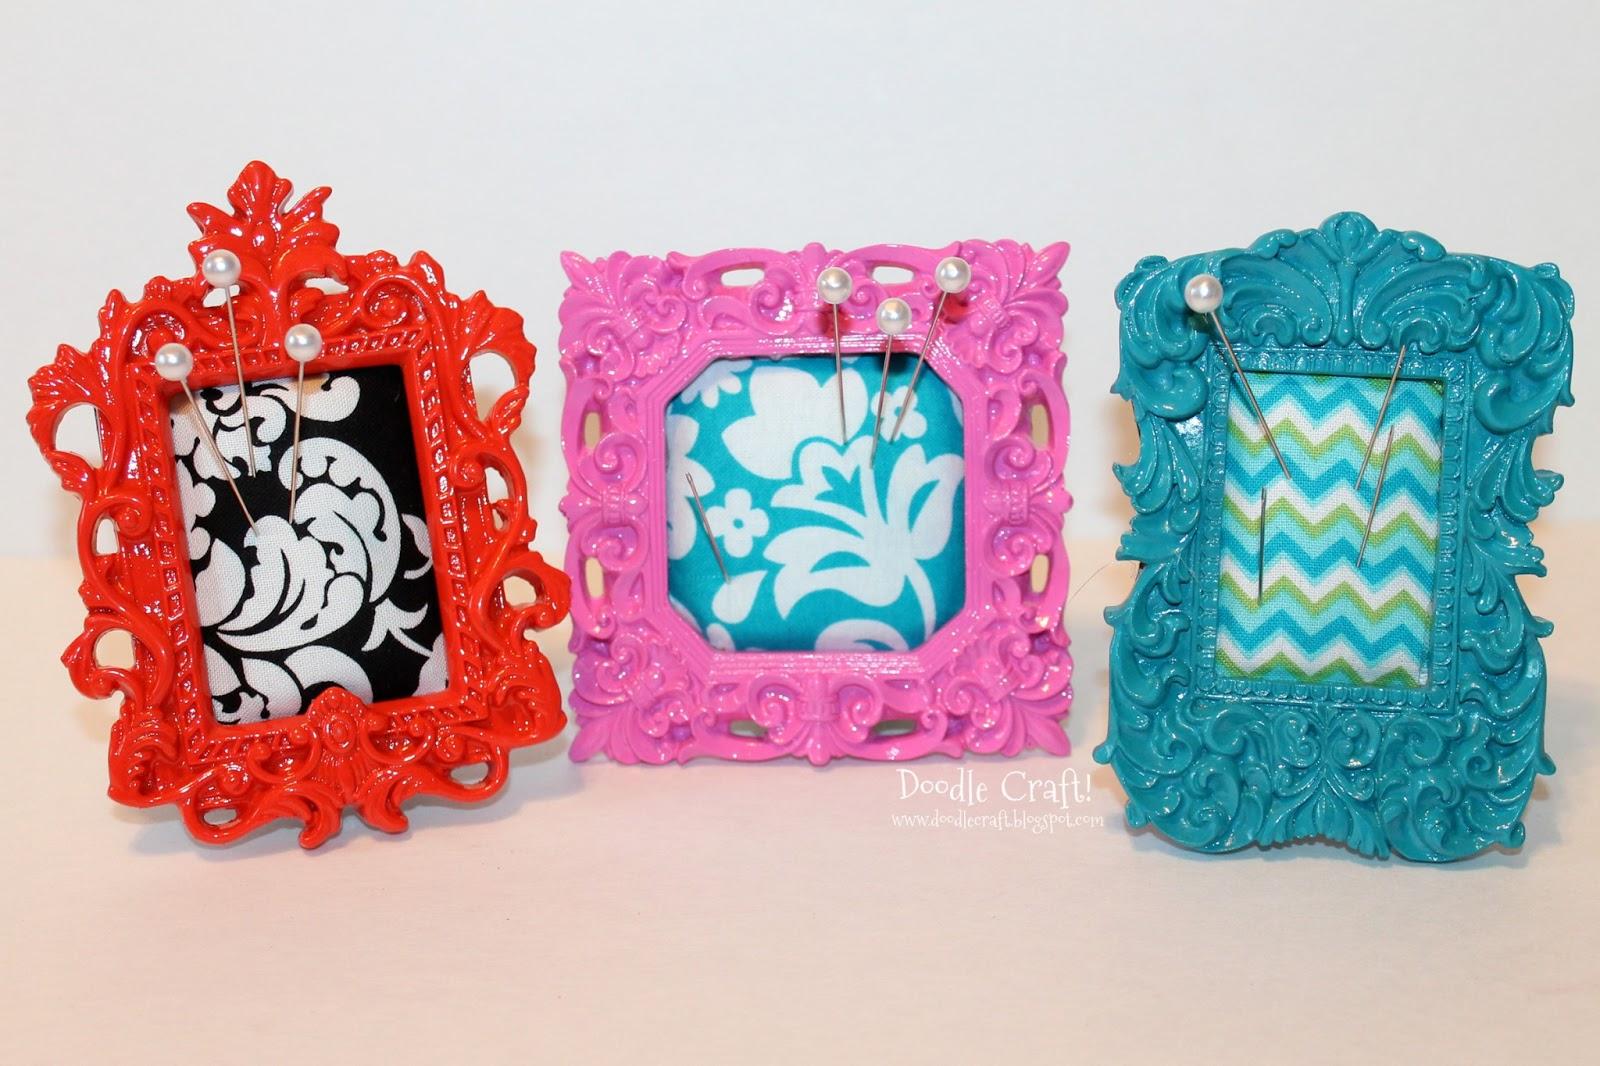 Doodlecraft: Mini Ornate Frame Pincushions!